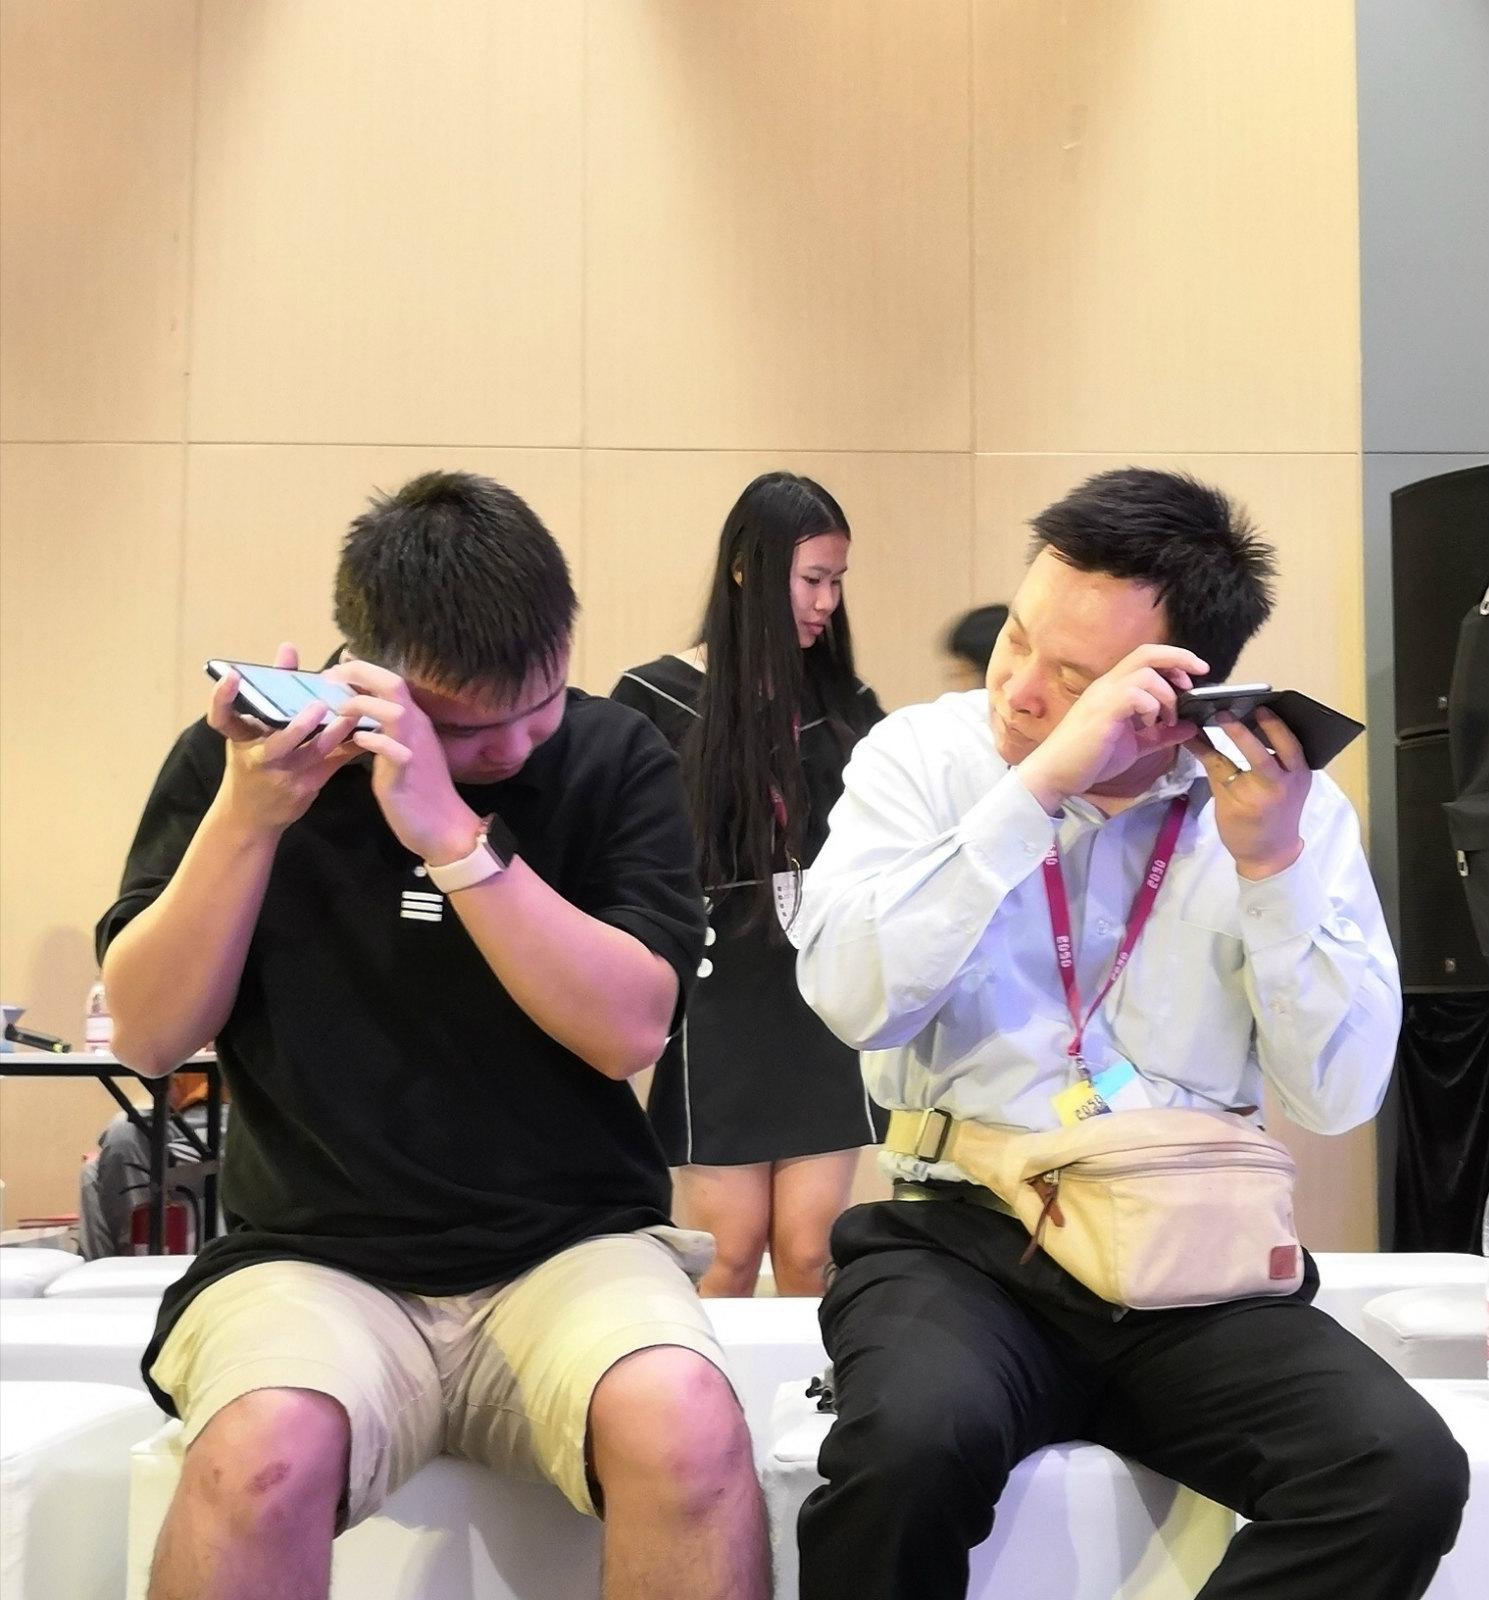 沈广荣(左)、张平(右)在使用手机_meitu_14